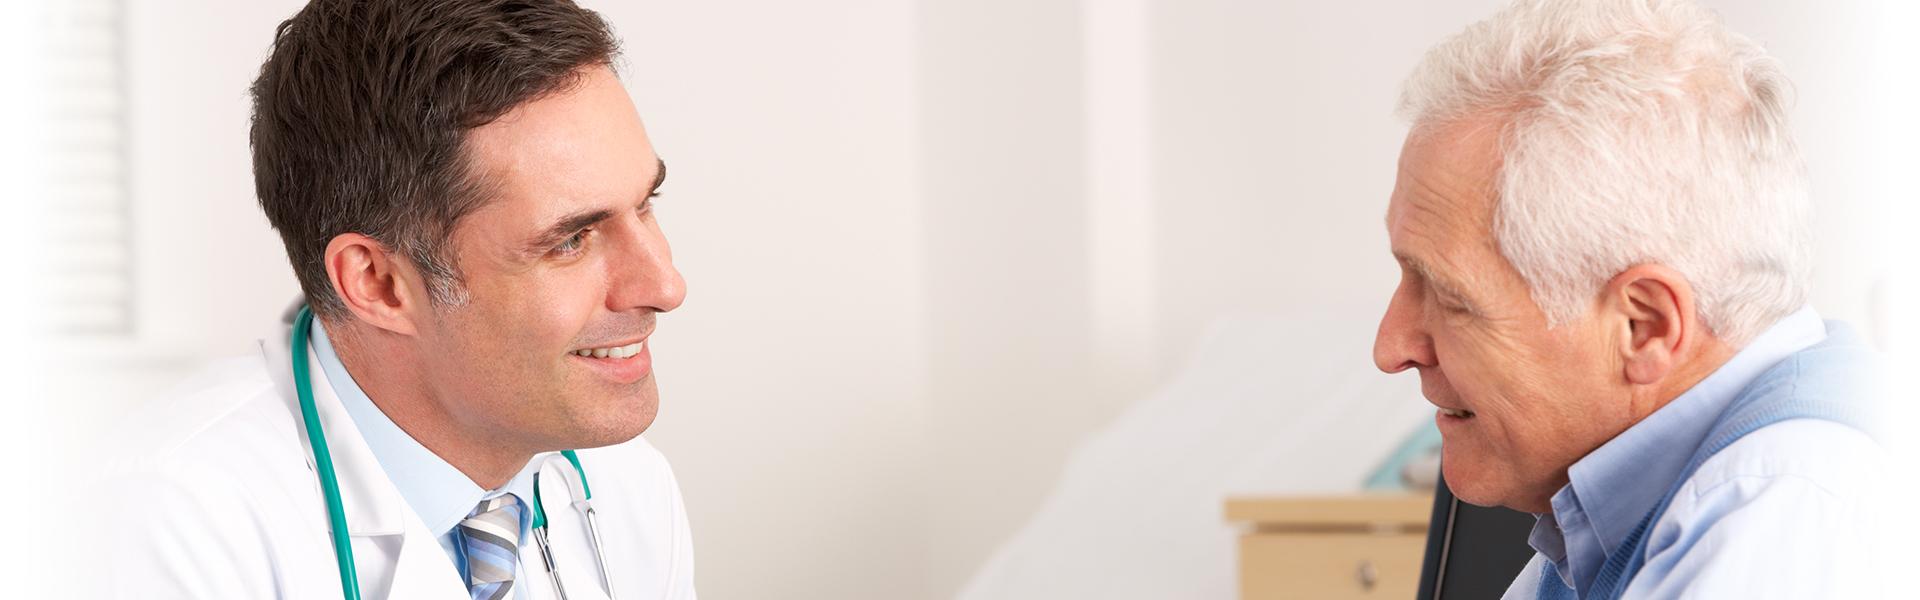 How-Diagnoses-Orthoapnea